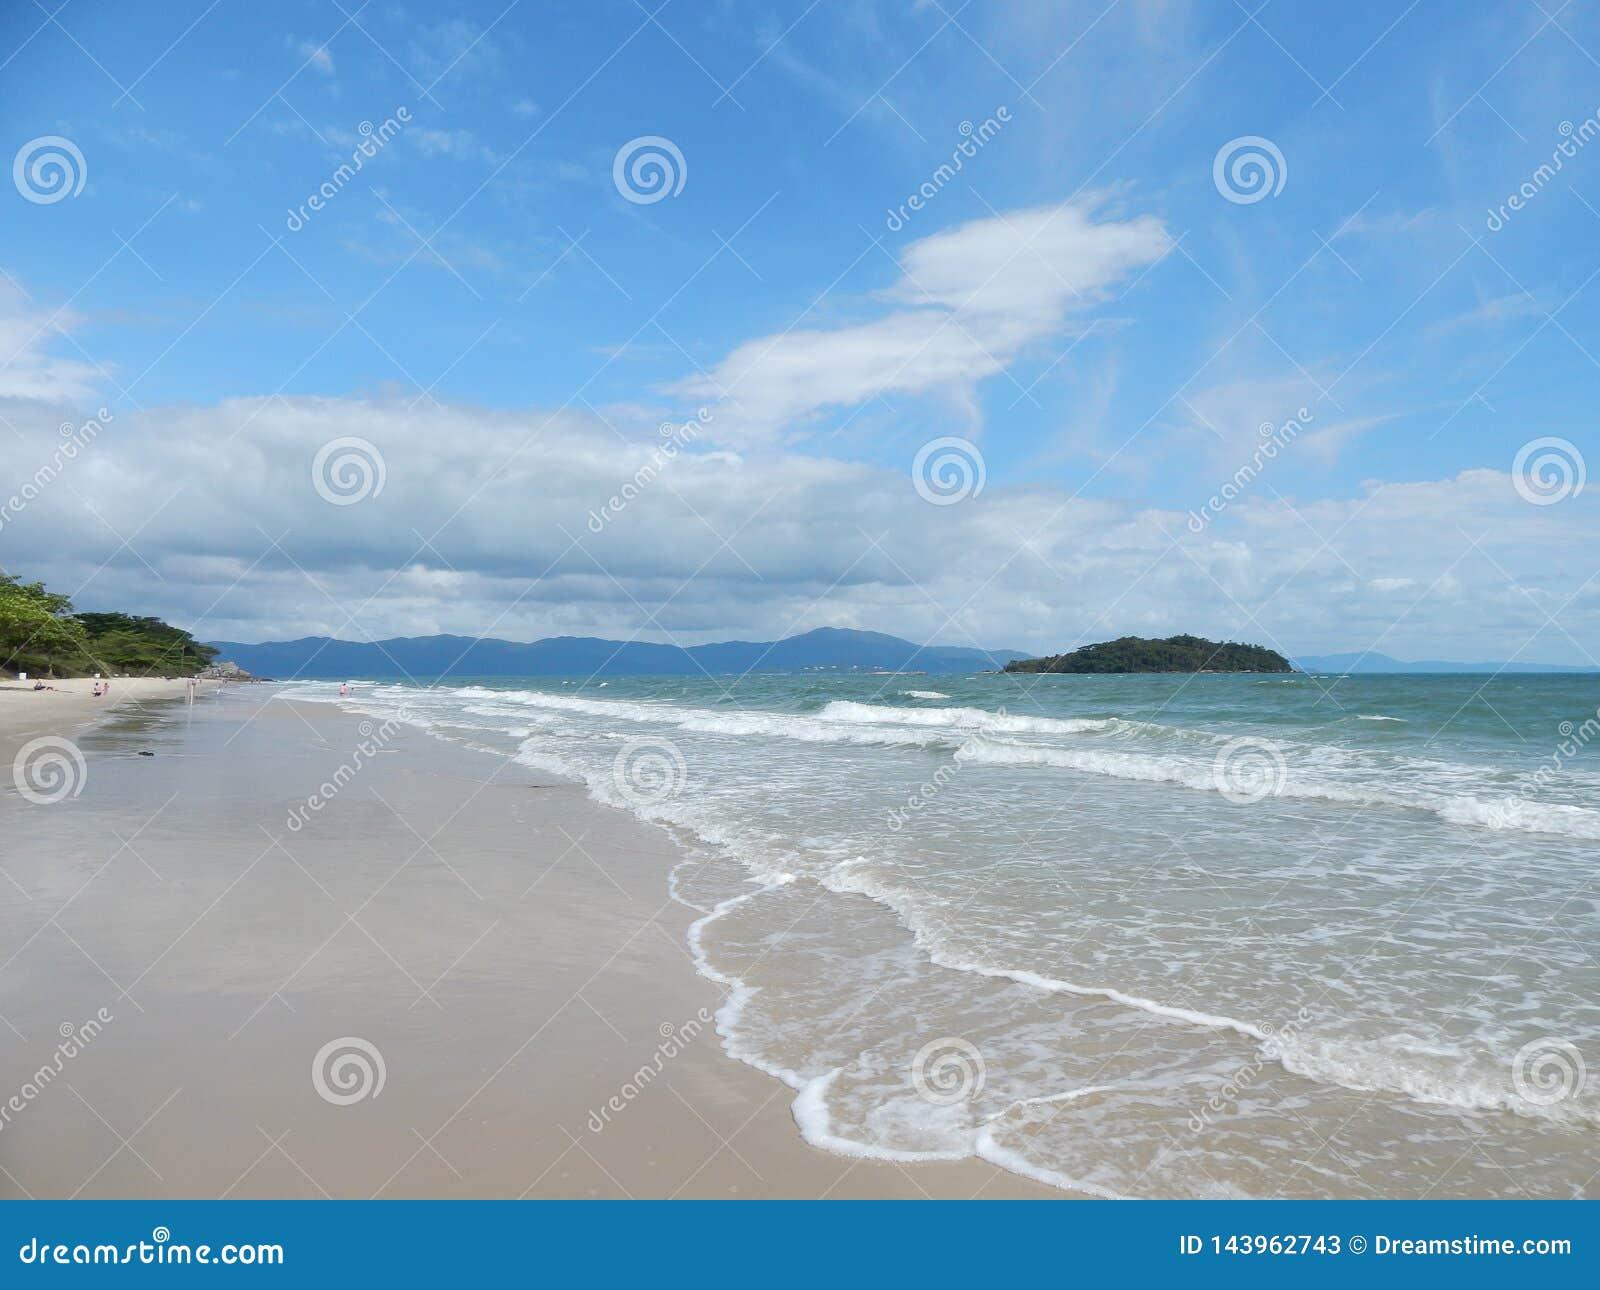 Strandnah und Insel